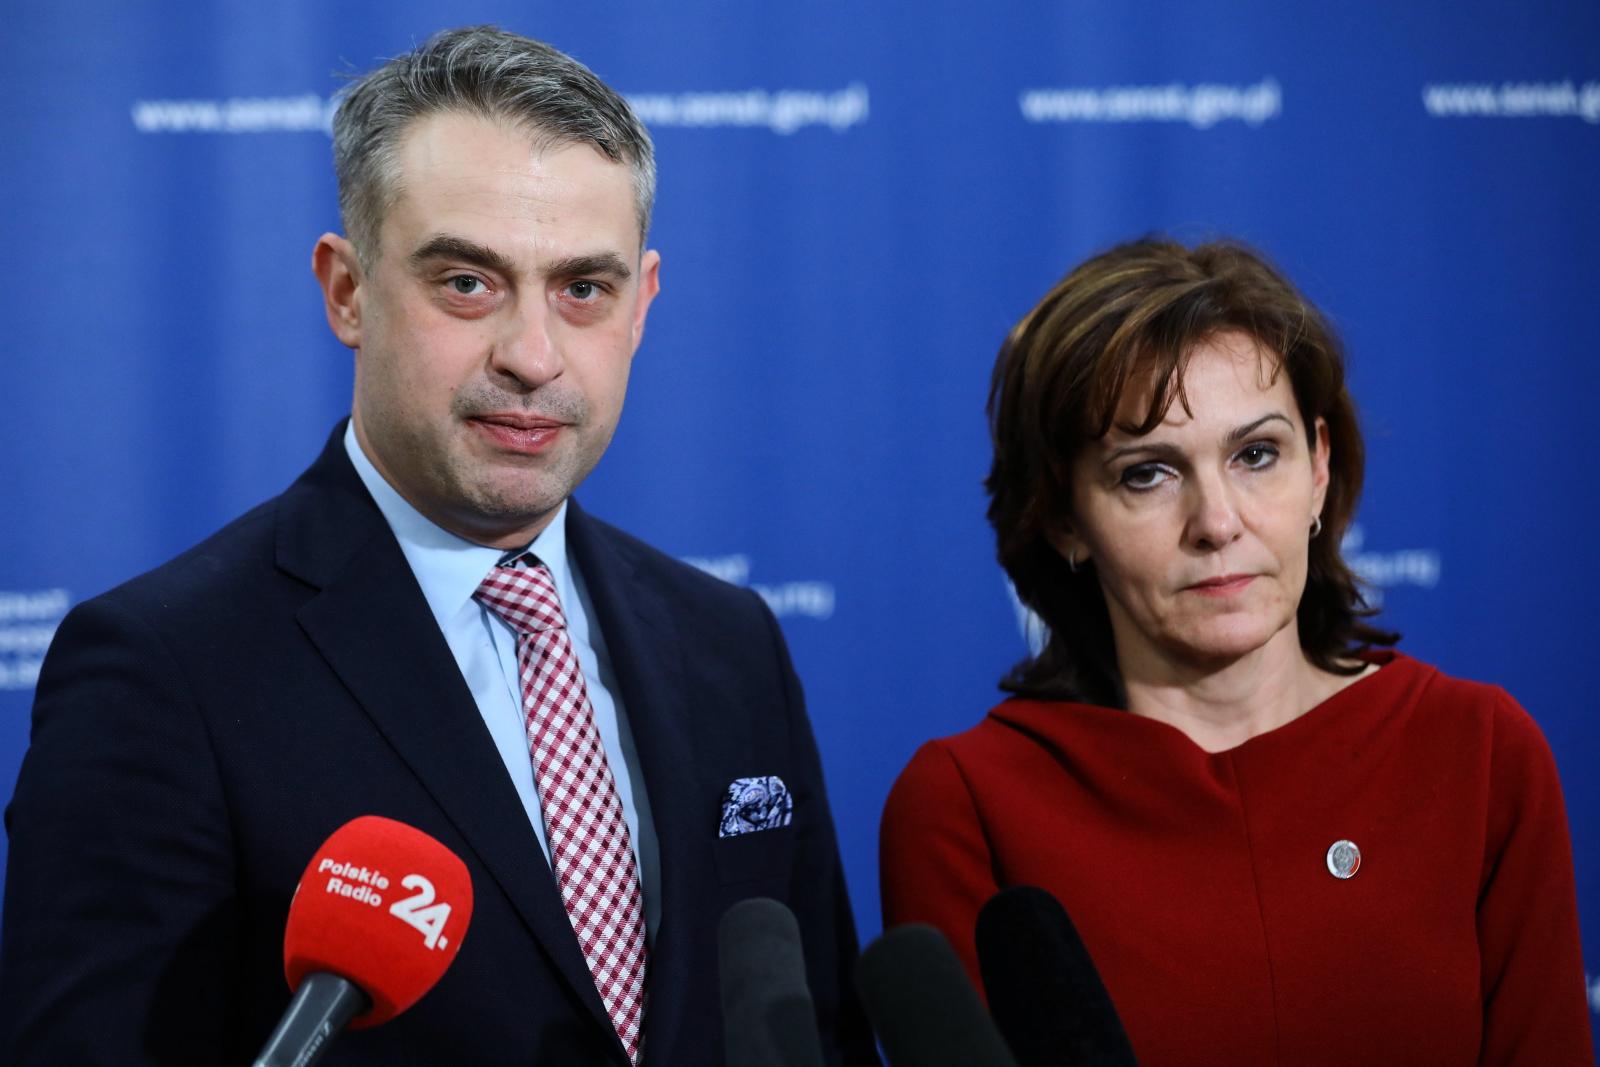 Wicemarszałek Senatu Gabriela Morawska-Stanecka i poseł Lewicy Krzysztof Gawkowski podczas konferencji prasowej w Senacie